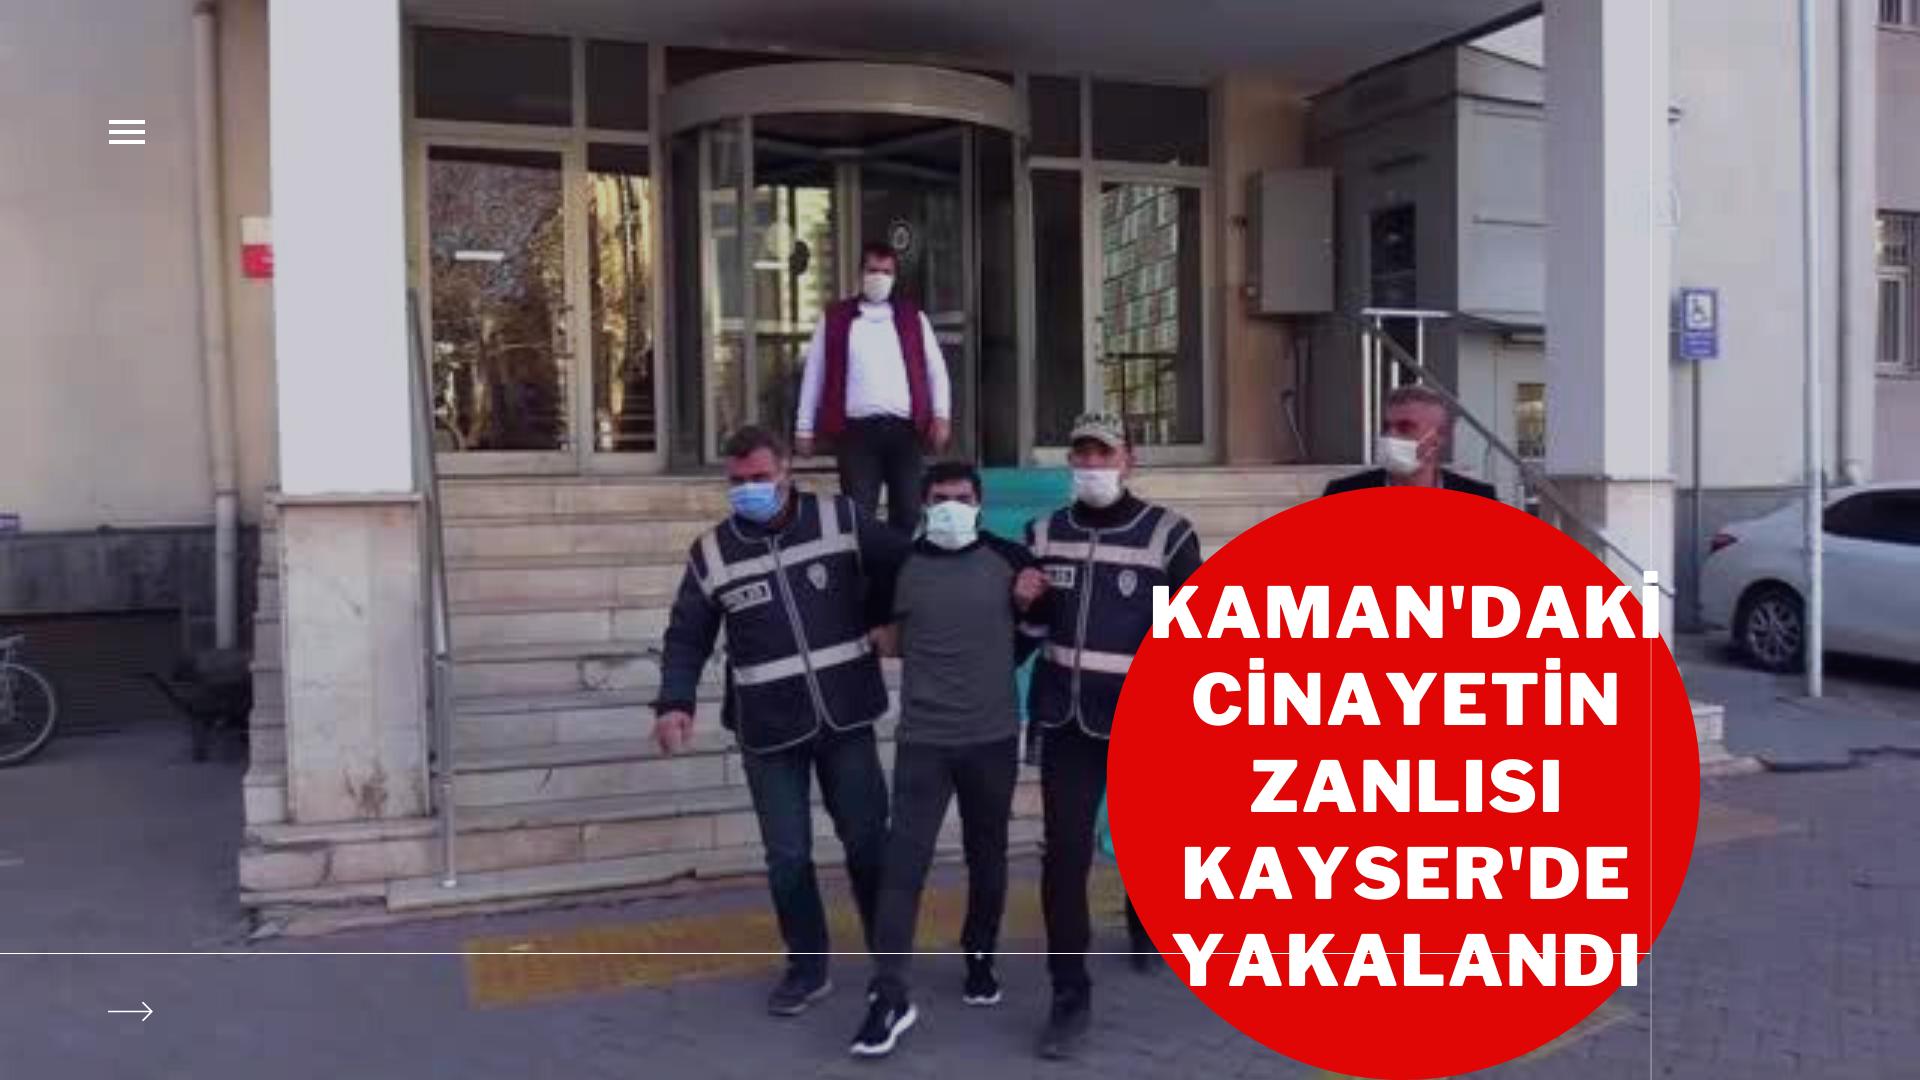 Kaman'daki cinayetin zanlısı Kayseri'de yakalandı